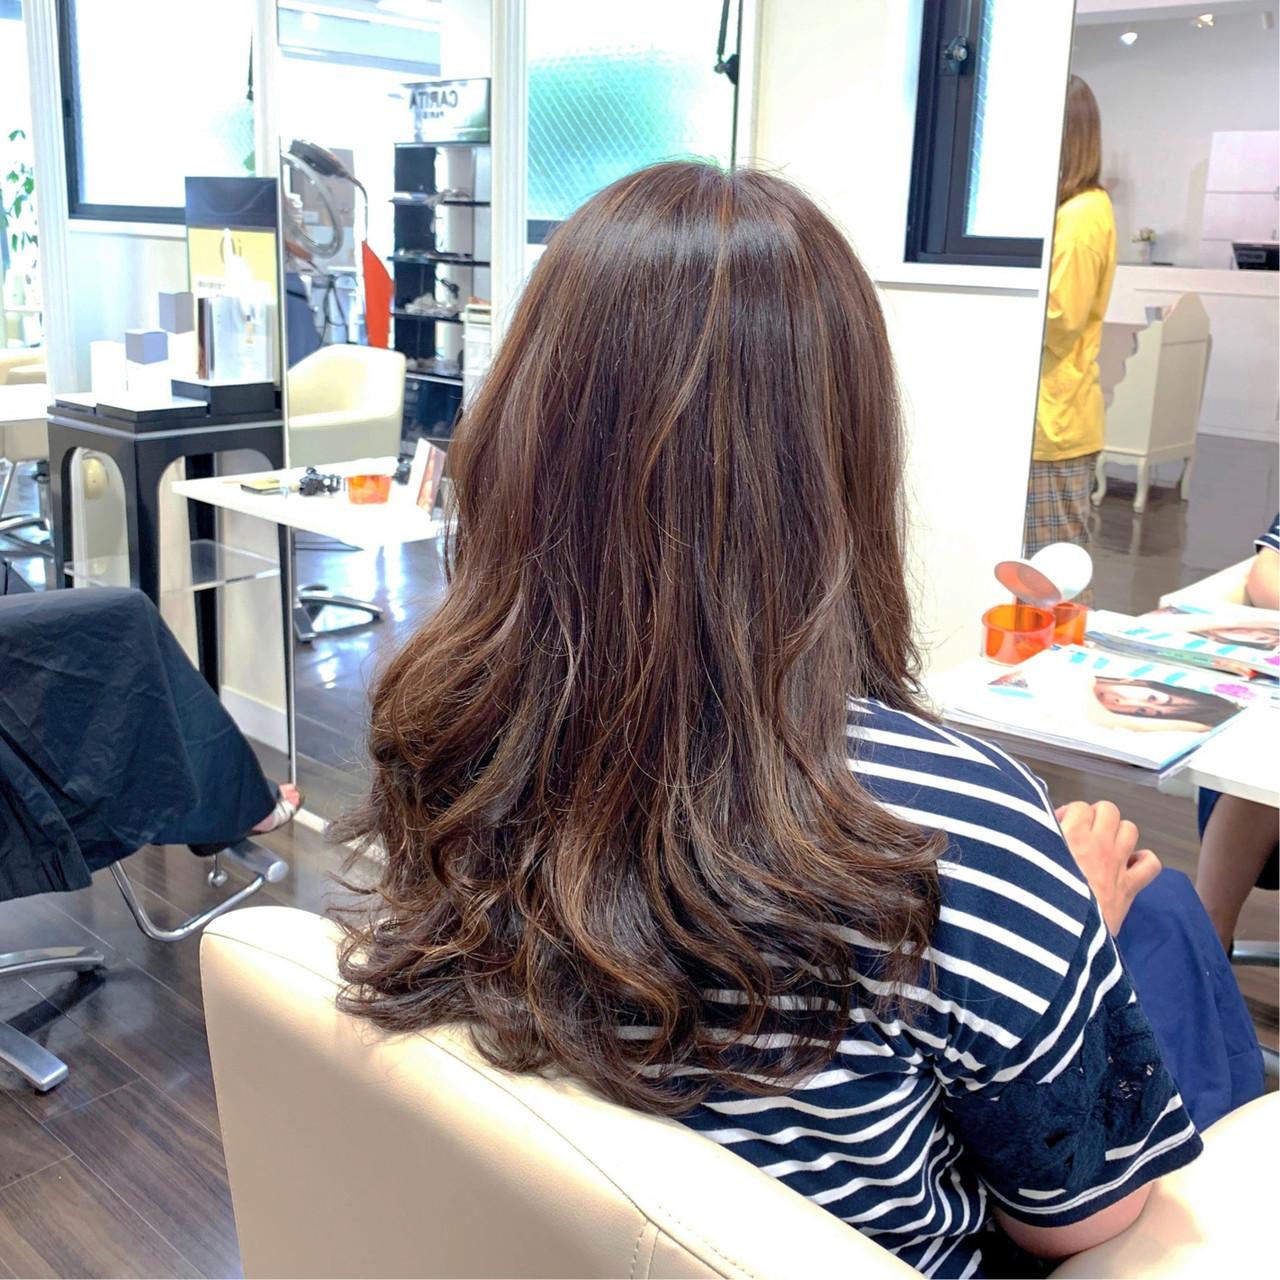 ロング 白髪染め 大人ハイライト 3Dハイライト ヘアスタイルや髪型の写真・画像